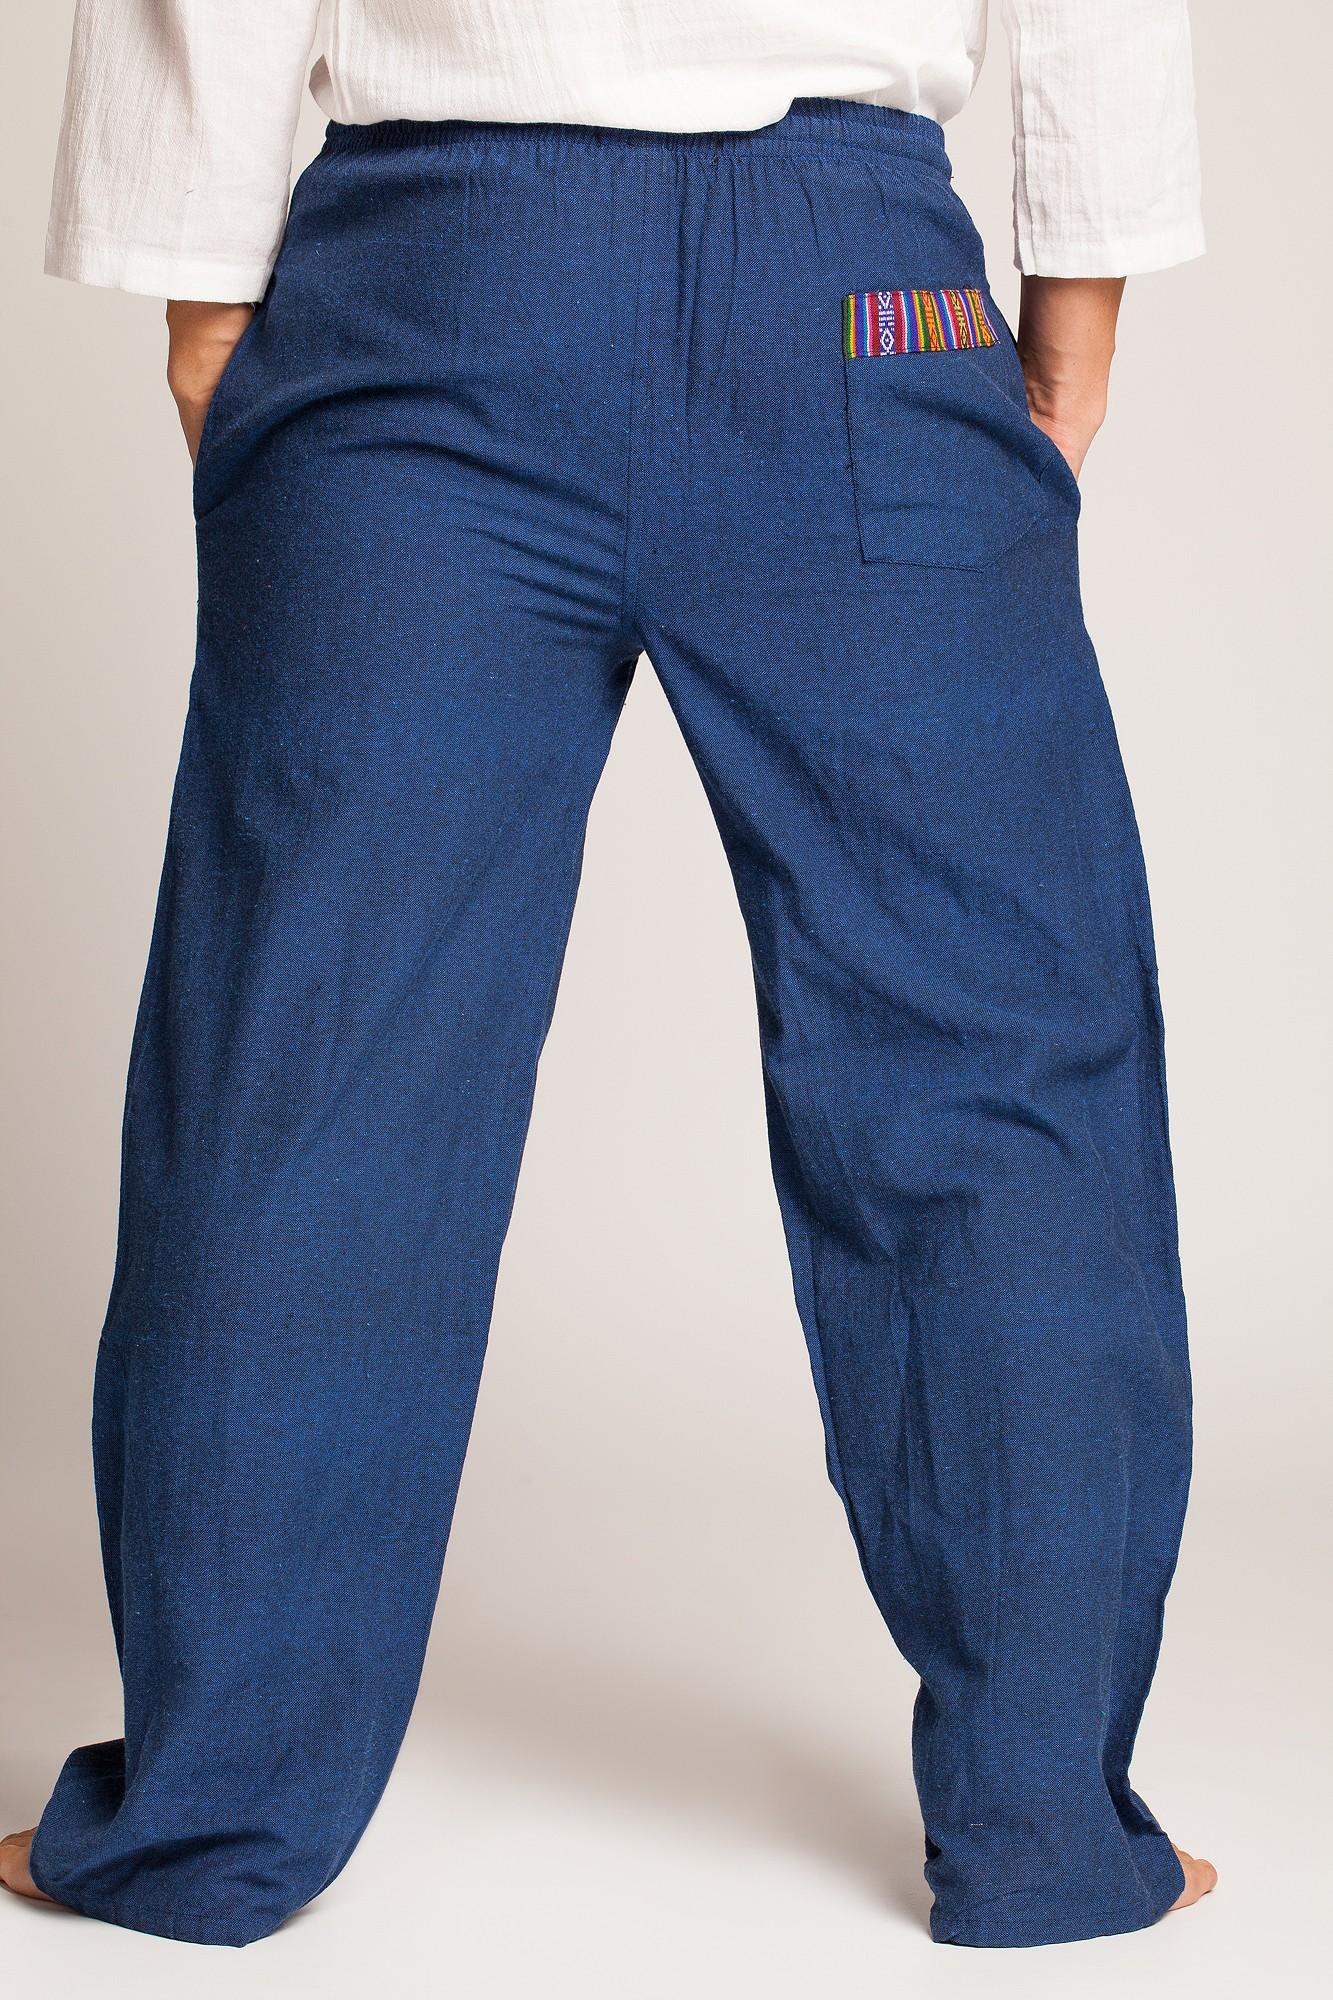 Pantaloni albastri cu motive etnice multicolore pe buzunare